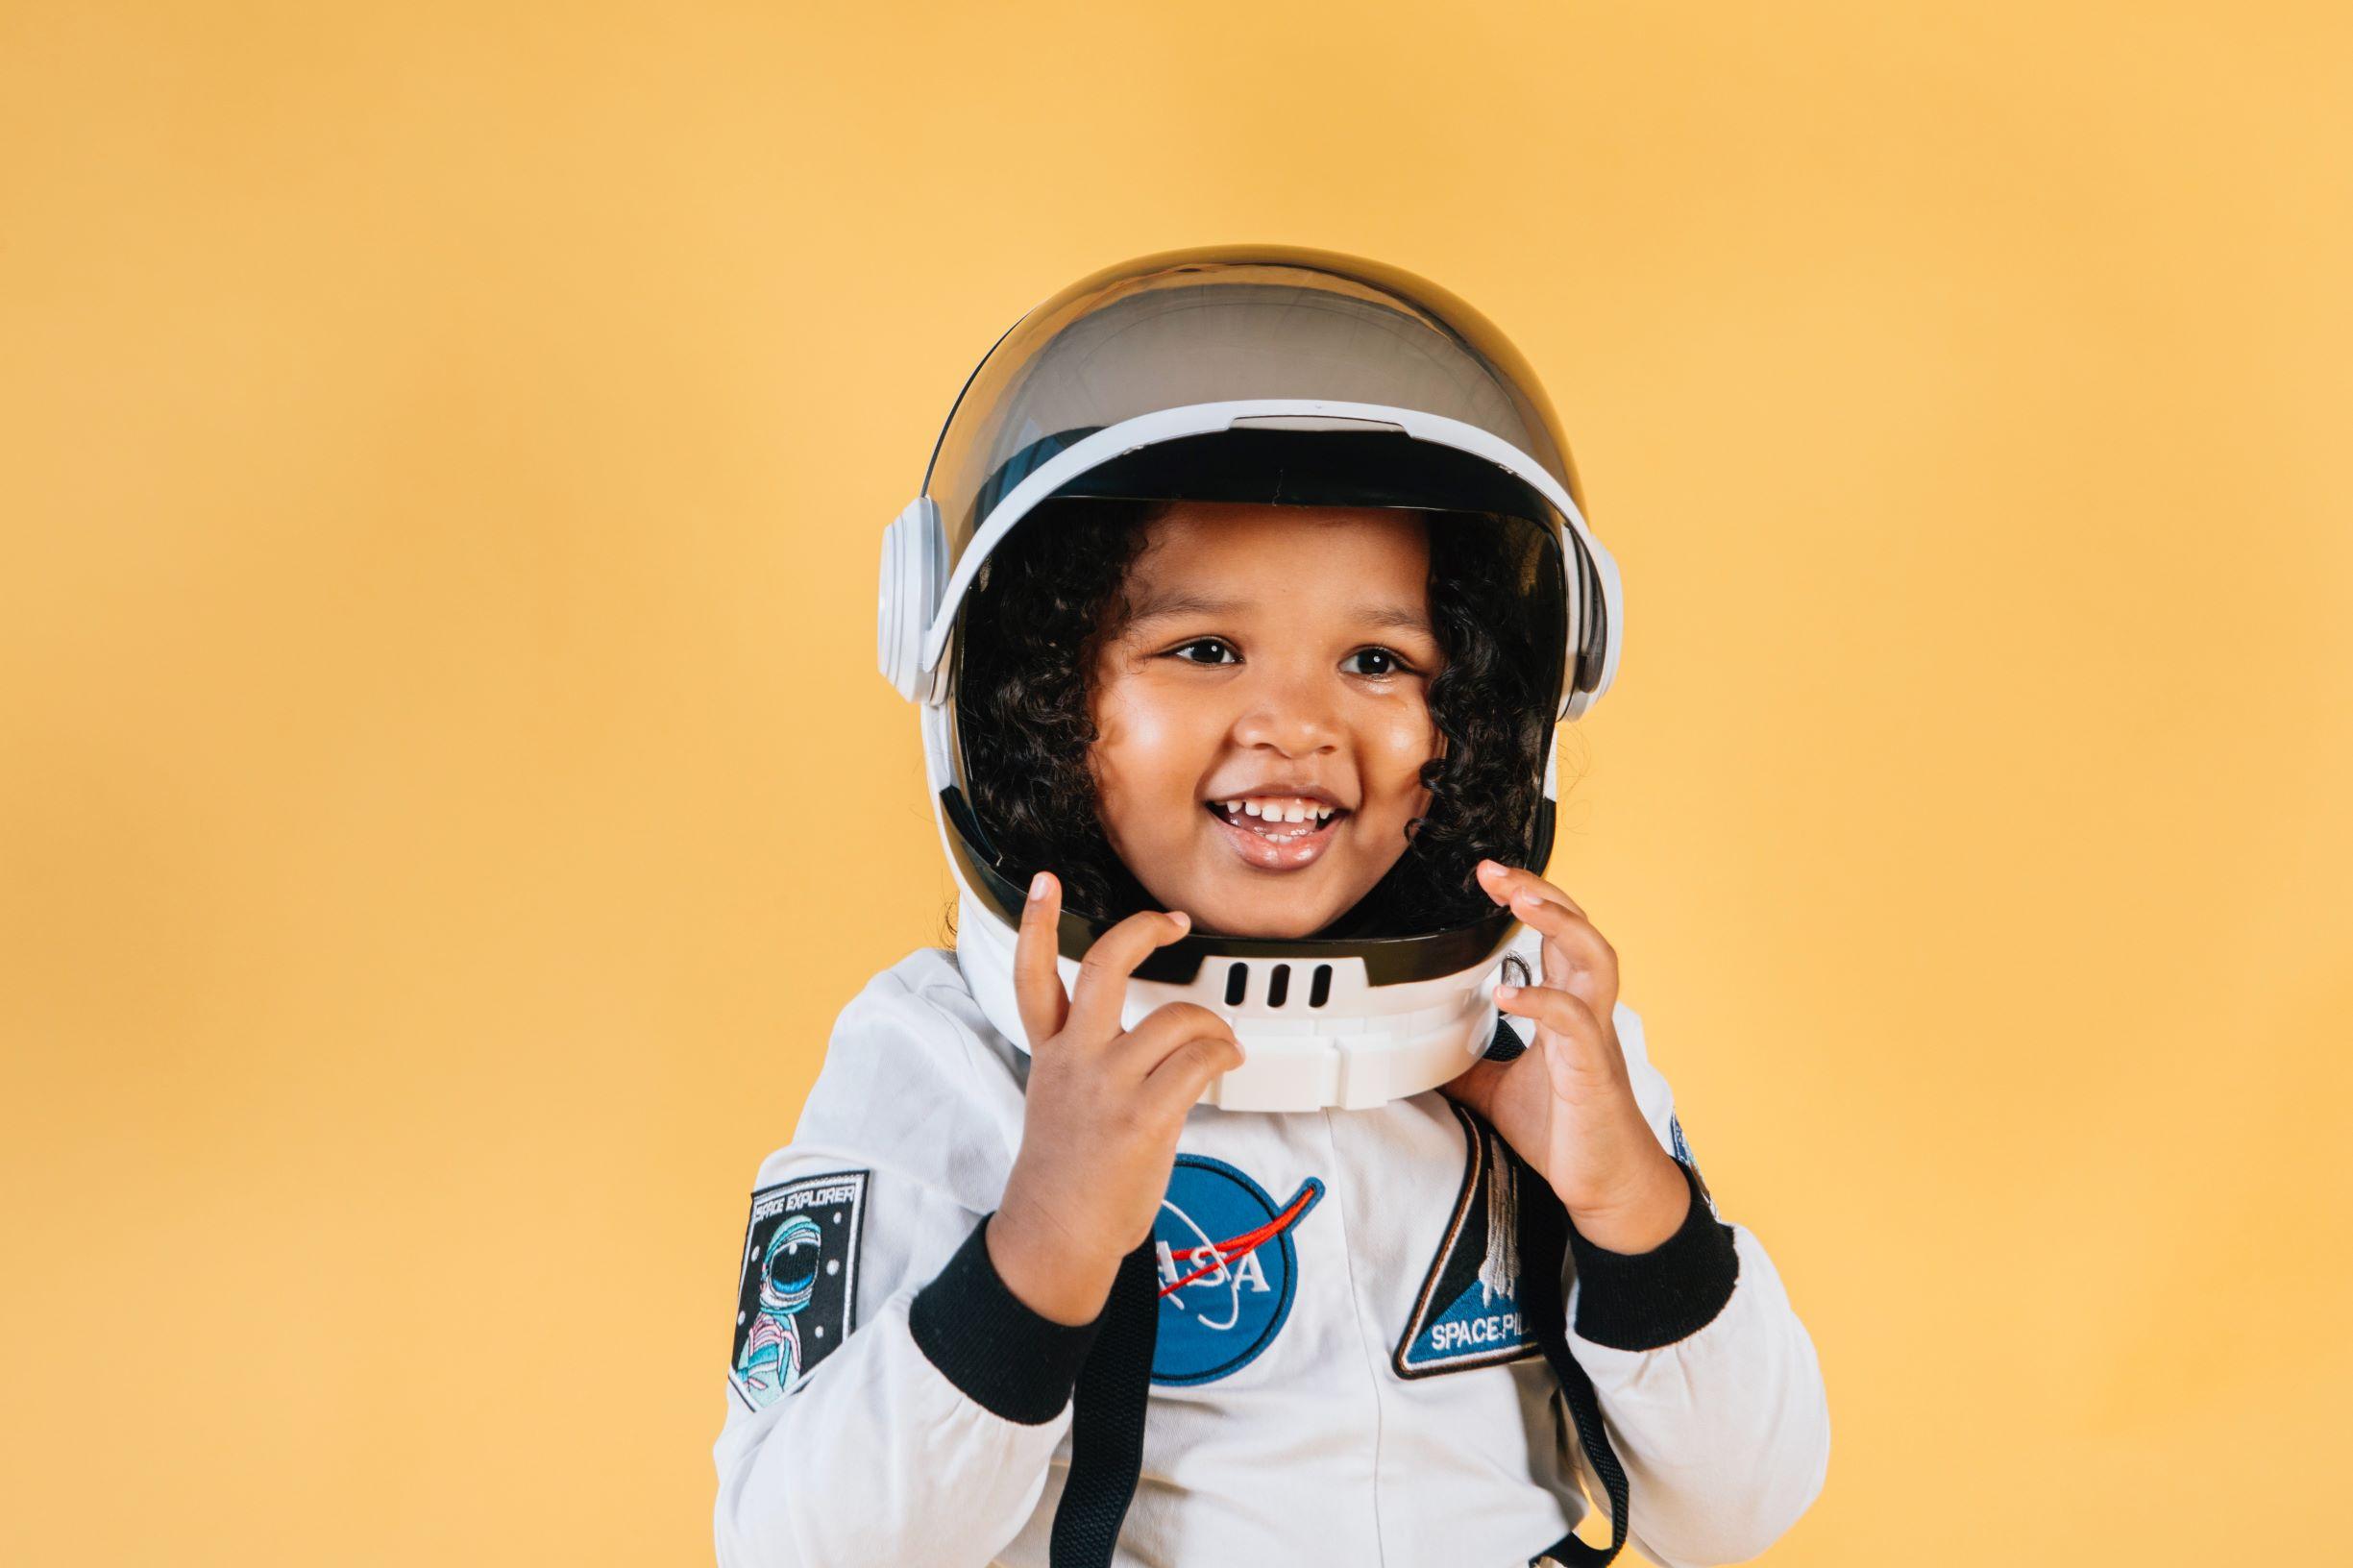 Criança astronauta